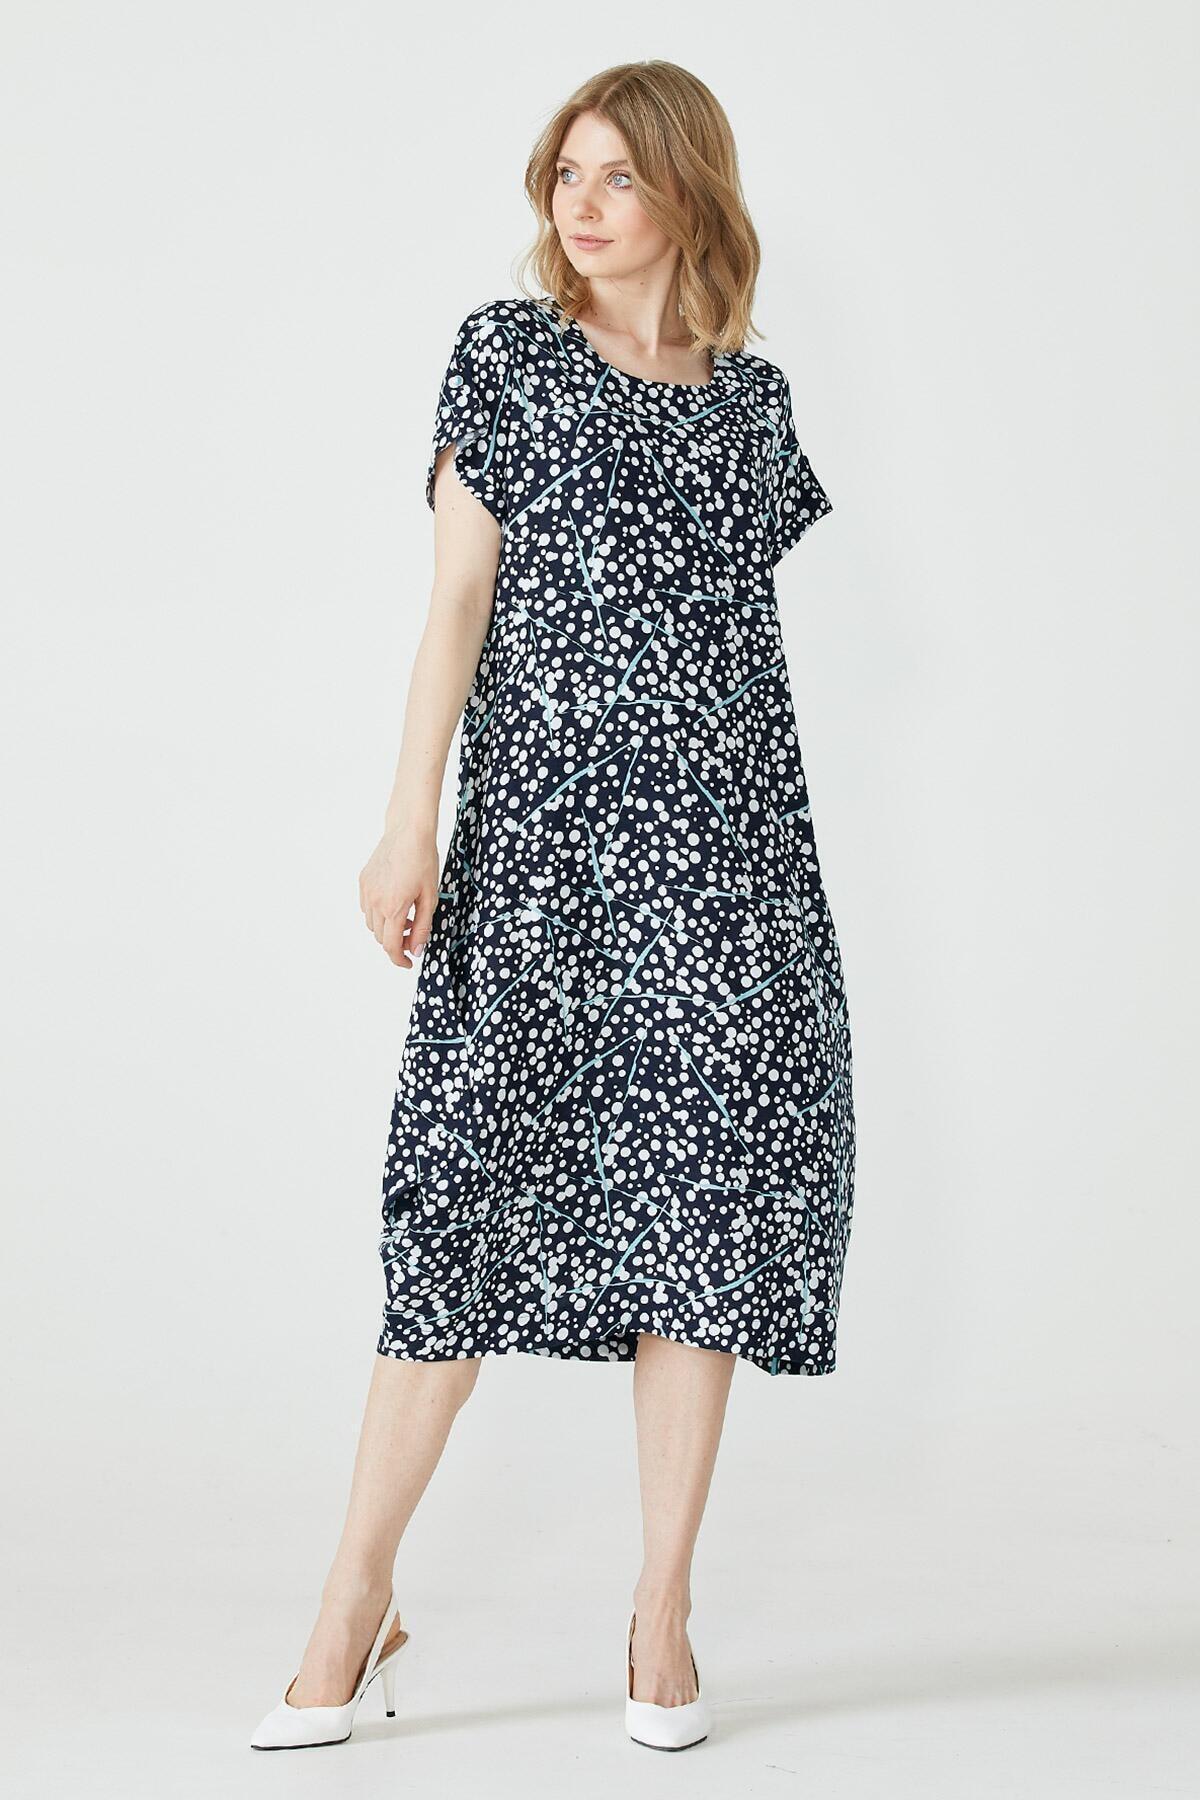 Desenli Torba Kesim Kadın Elbise - Lacivert